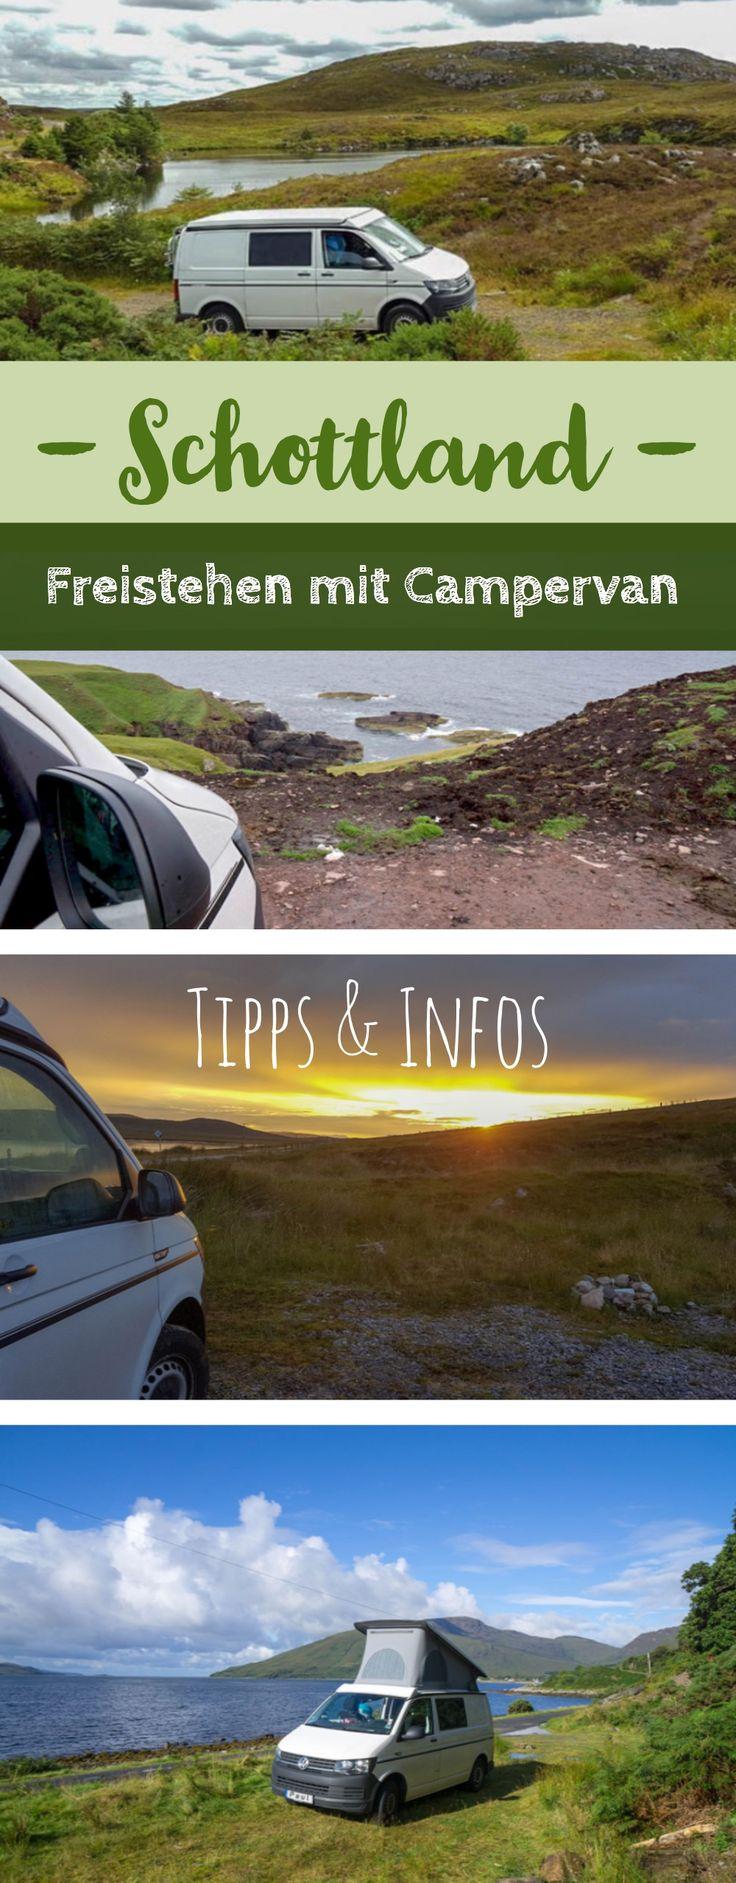 Hier findest du Tipps und Informationen zum Freistehen mit Campervan und Wohnmobil in Schottland sowie einen Überblick über unsere Übernachtungsplätze in den Highlands.